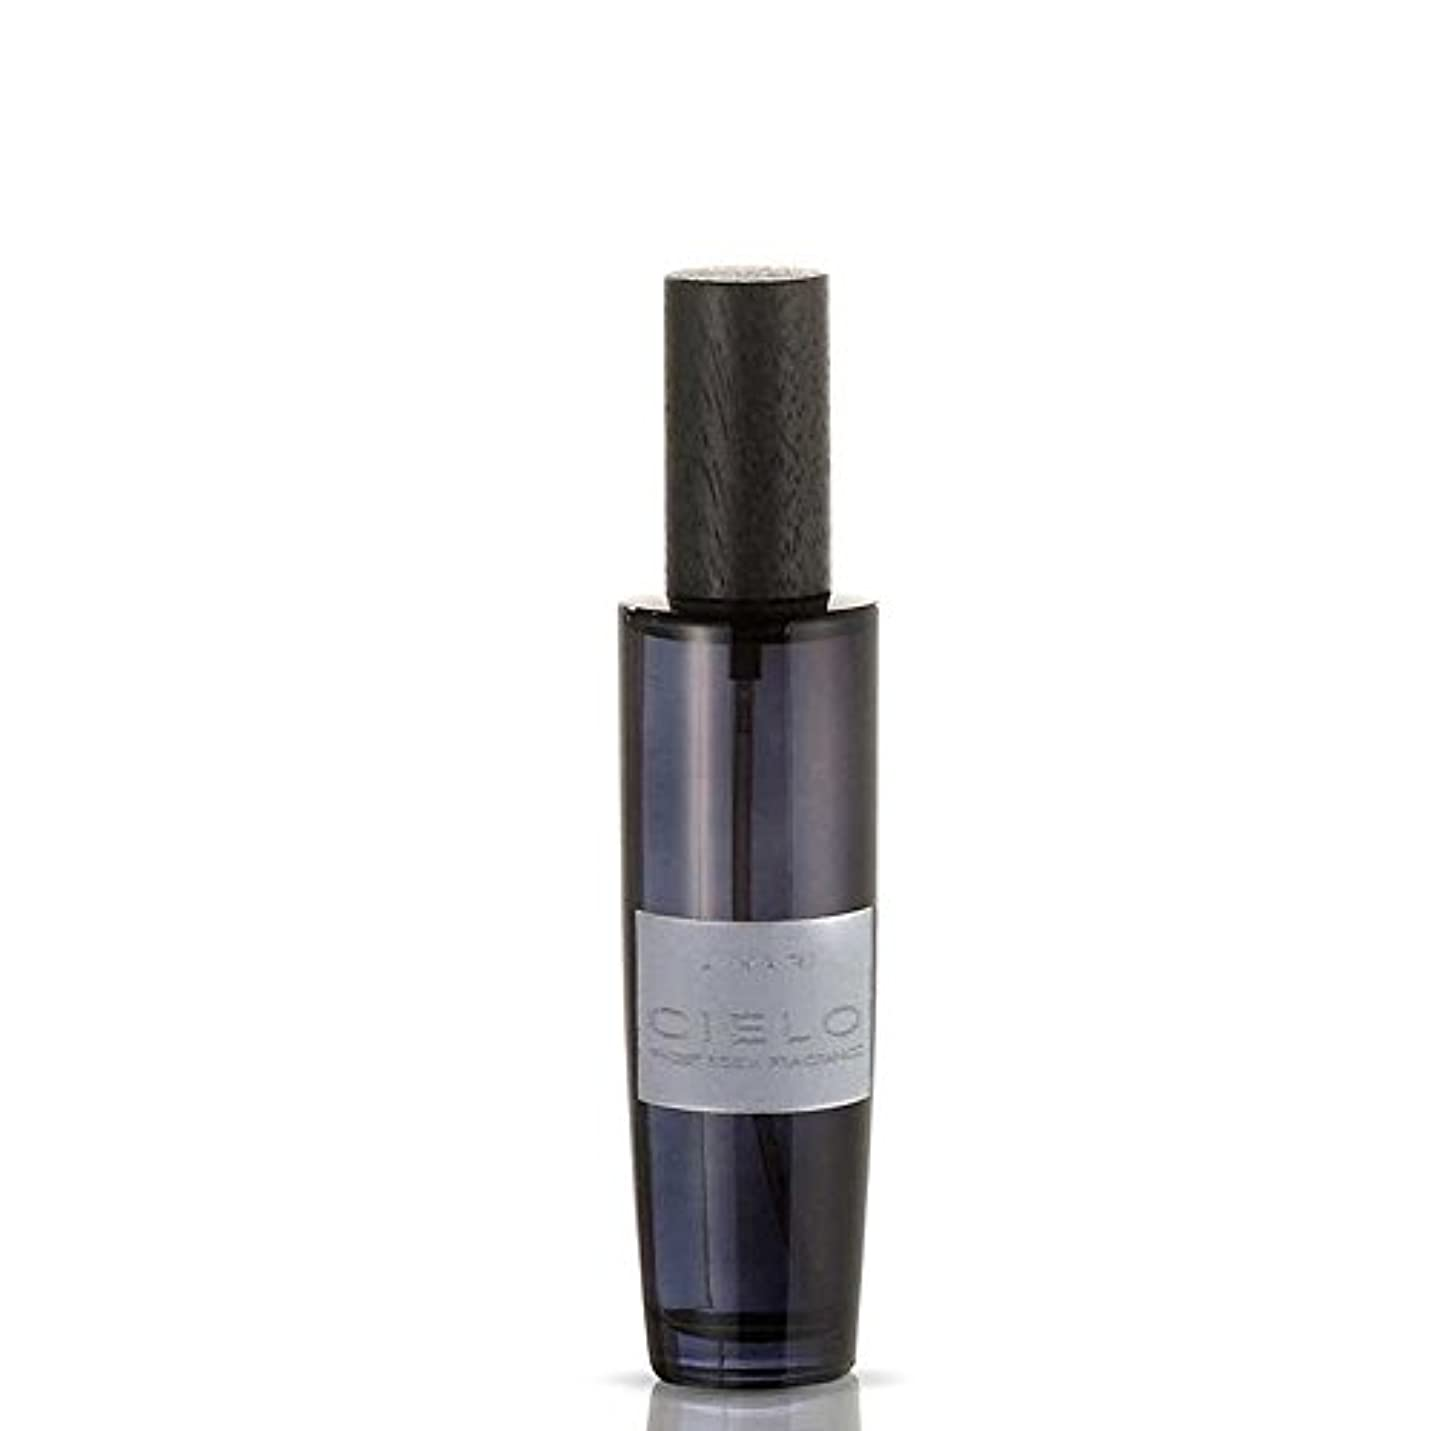 資格情報推定するランプLINARI リナーリ ルームスプレー Room Spray チェロ CIELO BLACK AMETHYST LINE